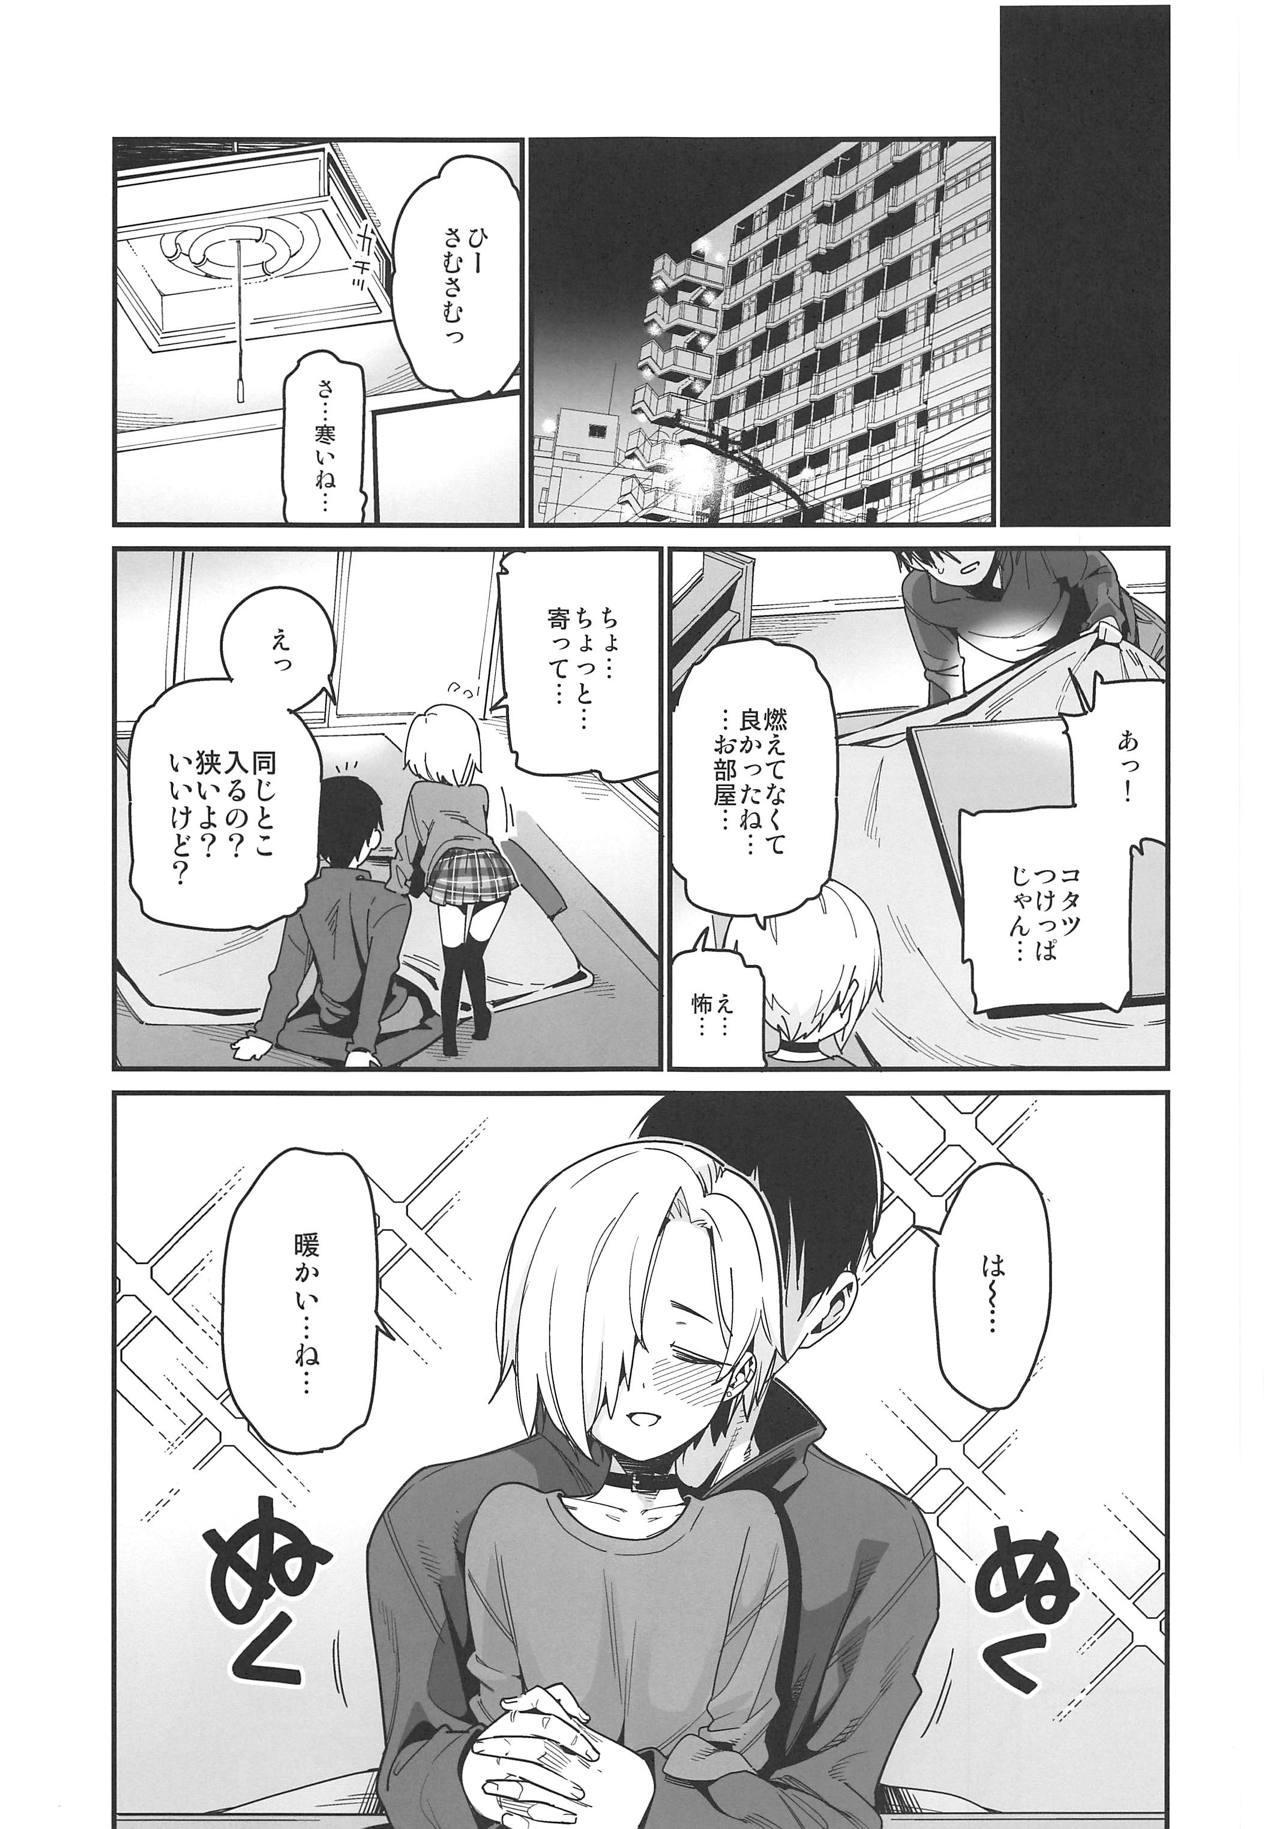 Koume to Atatamaru. 3